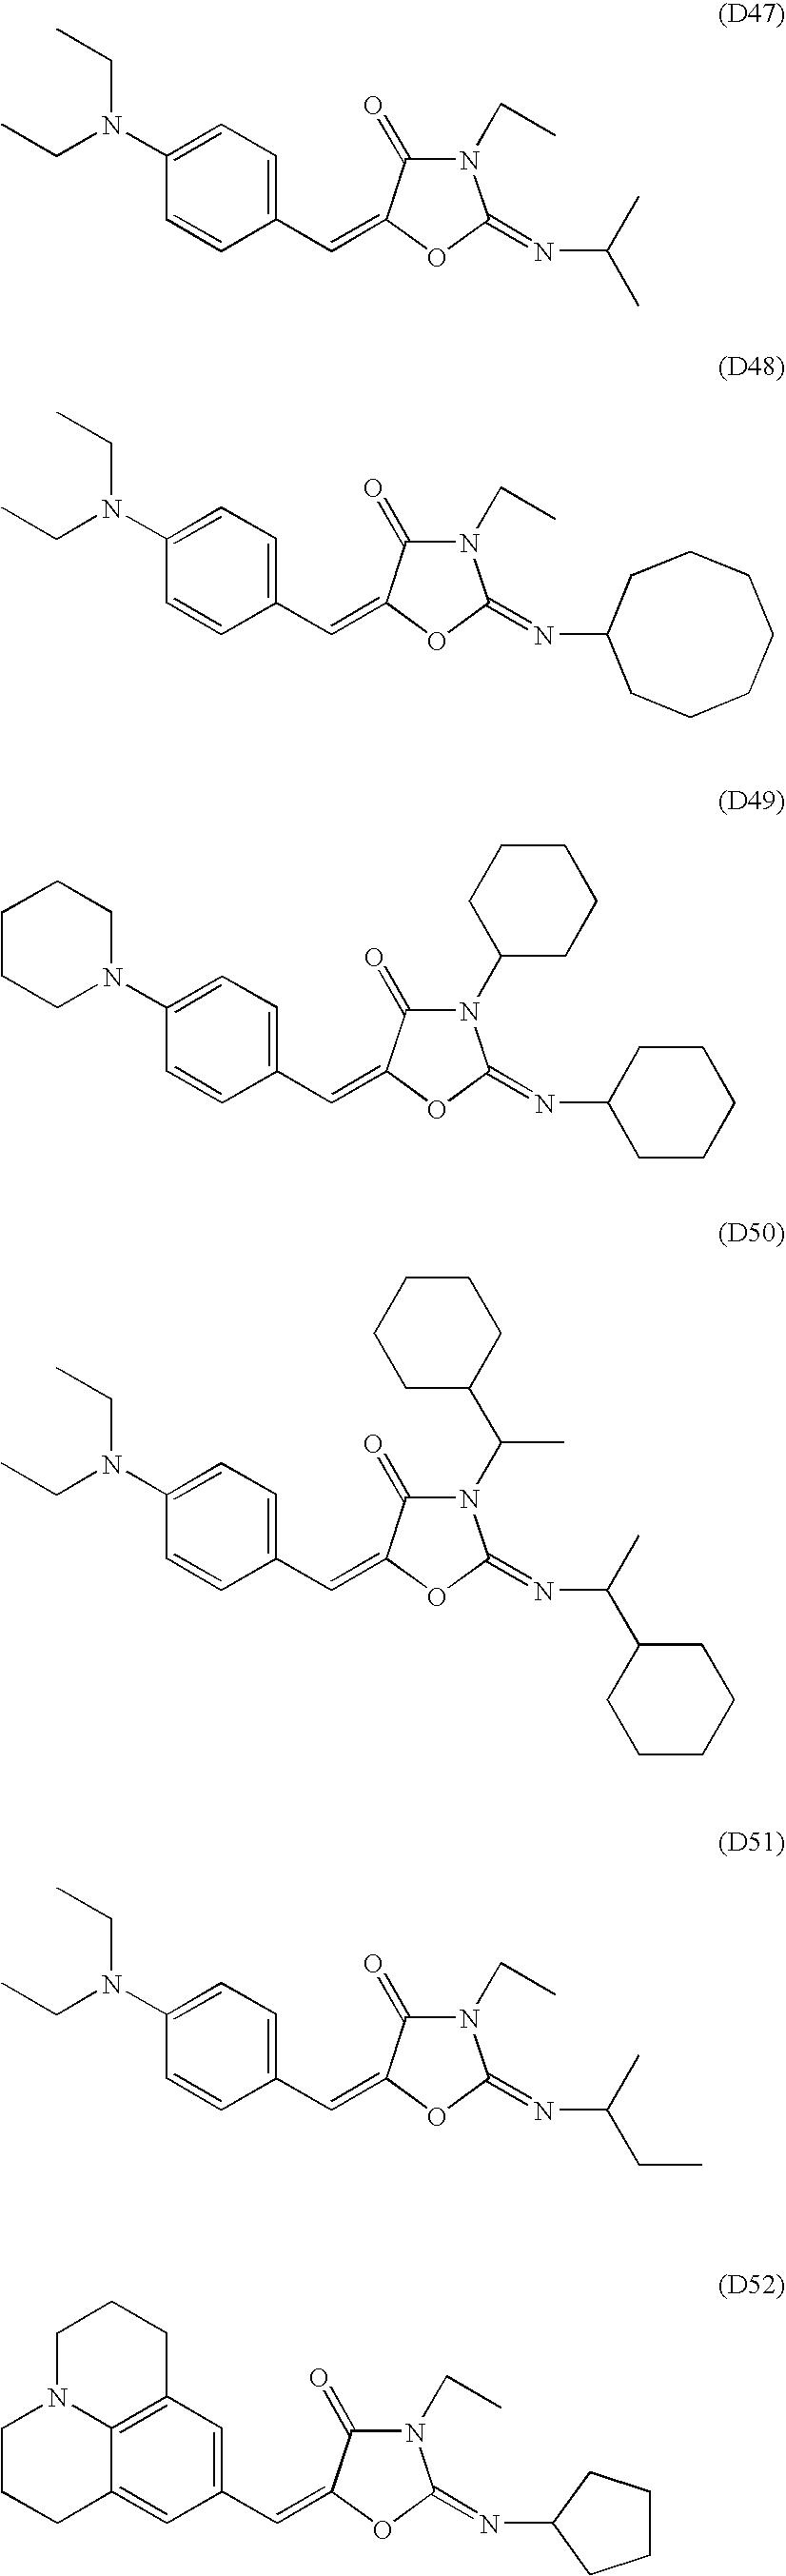 Figure US20070212641A1-20070913-C00014